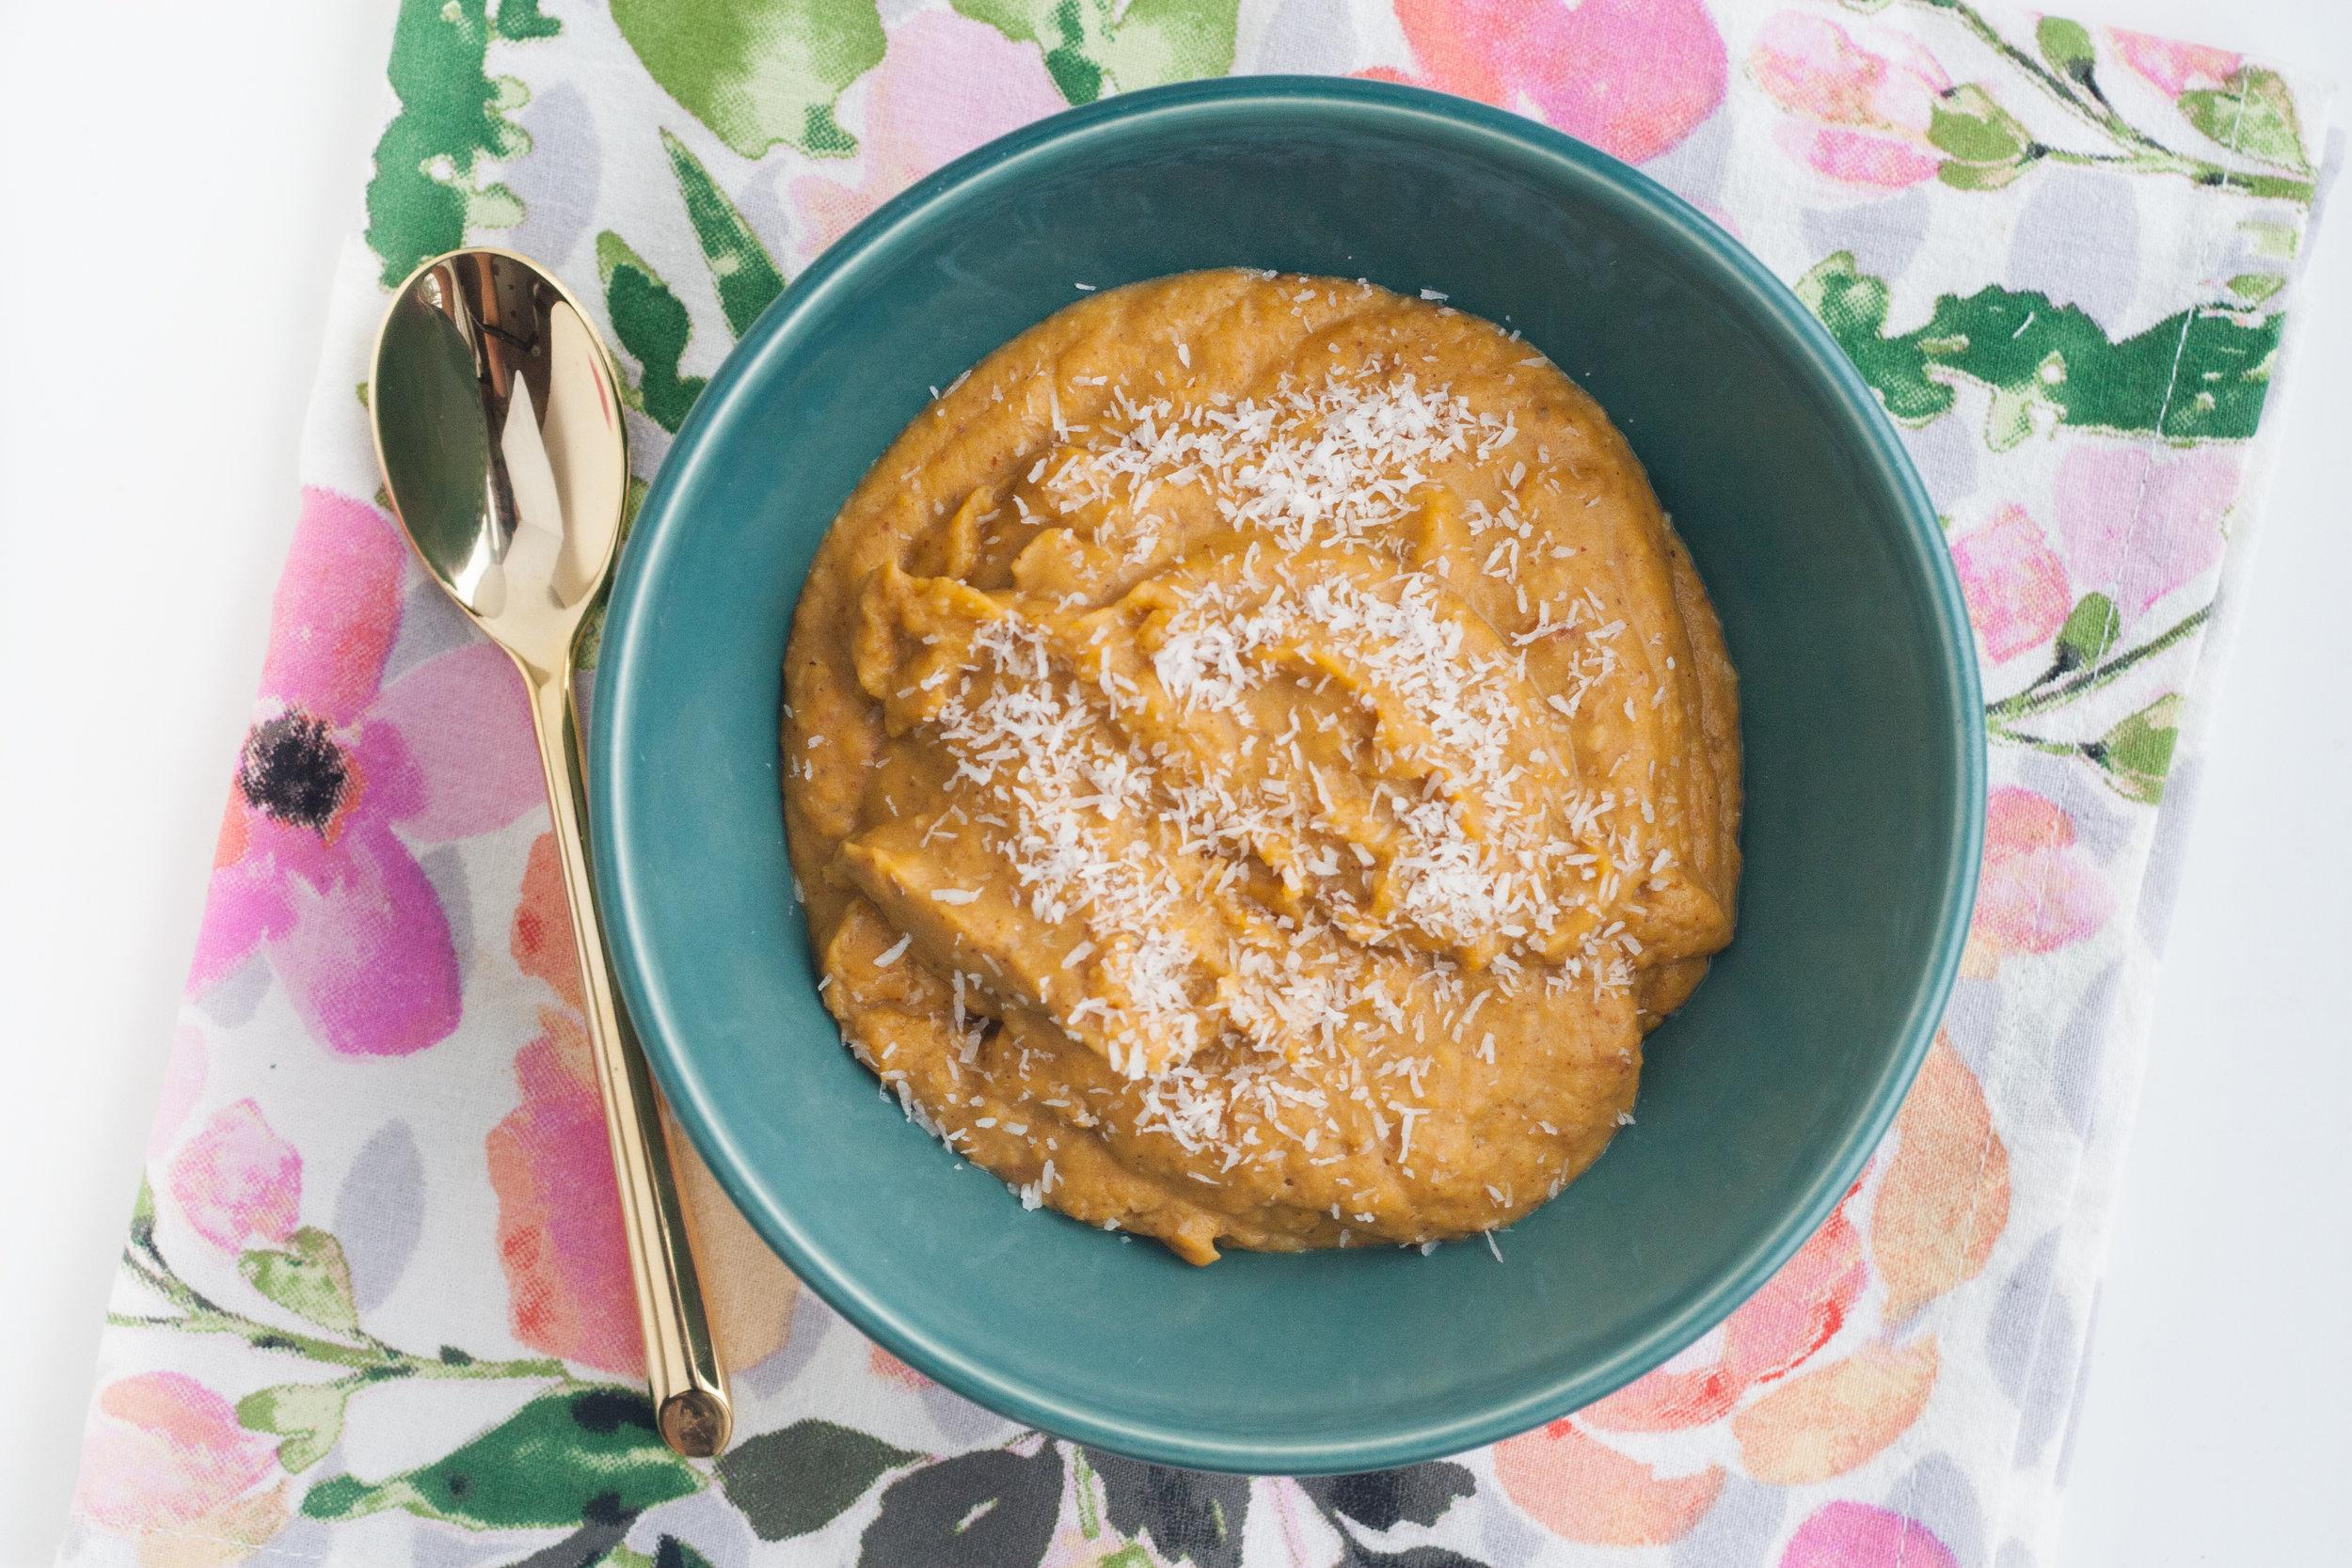 butternut squash noatmeal recipe